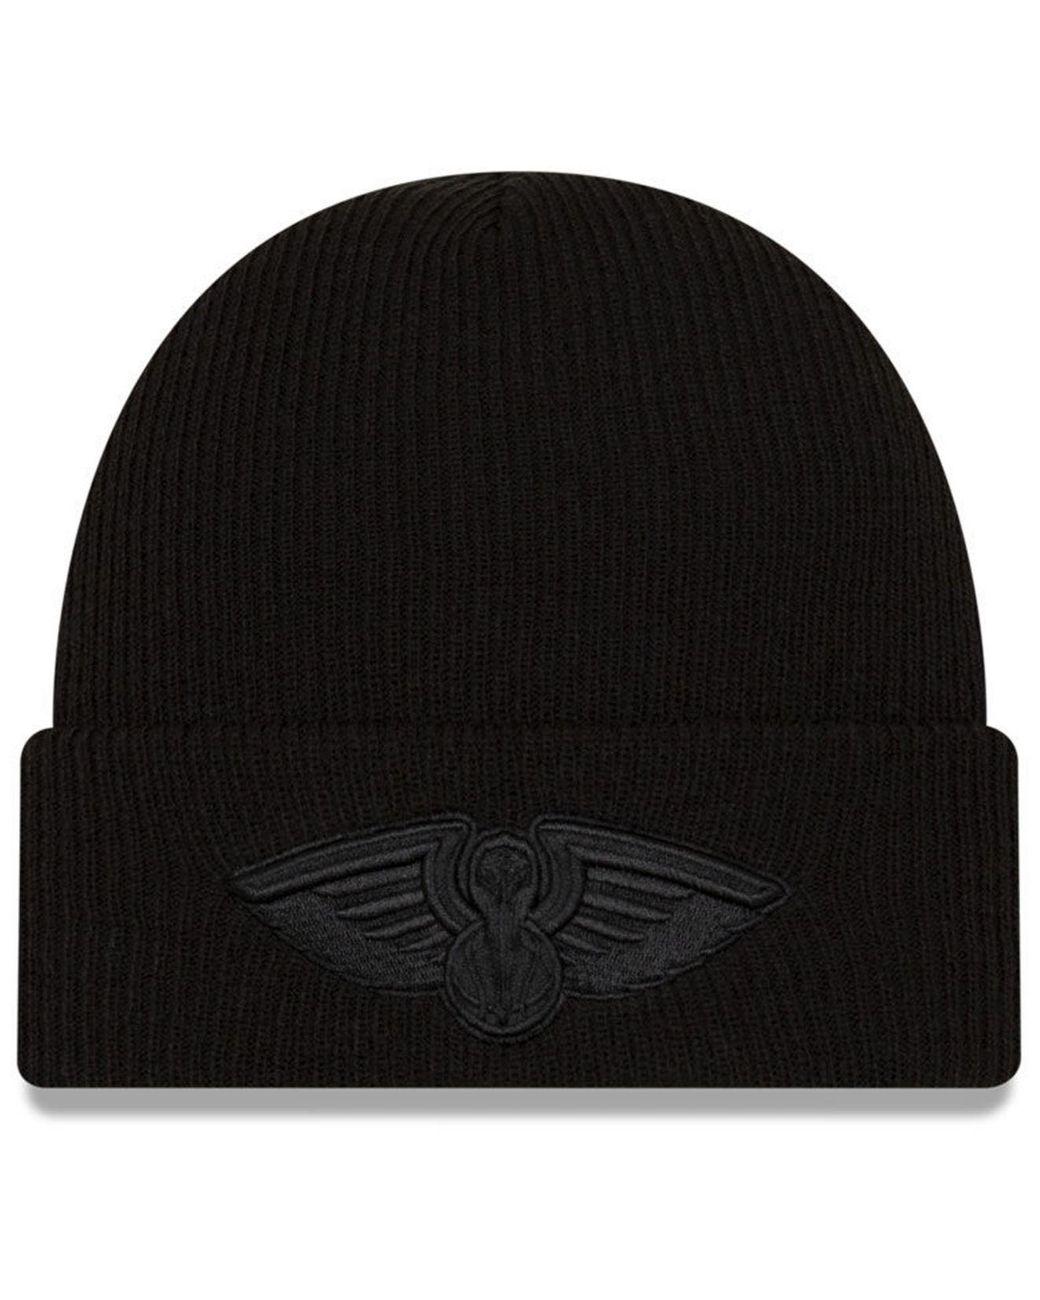 New Orleans Pelicans Blackout Knit Hat